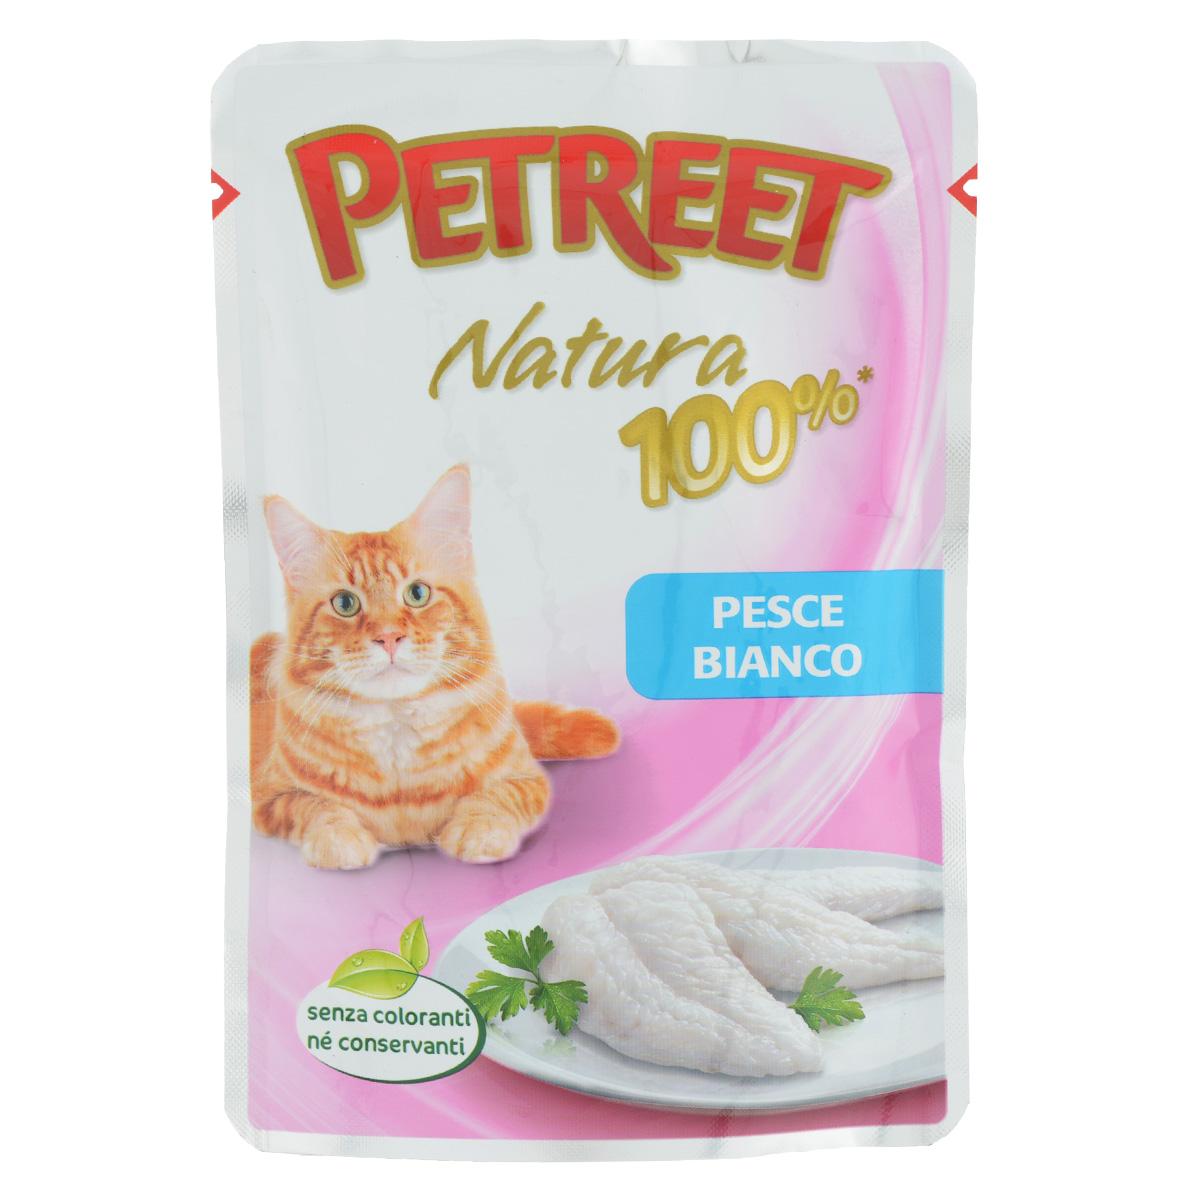 Консервы для кошек Petreet, с белой рыбой, 85 г консервы для кошек hill s ideal balance с аппетитной форелью 85 г 12 шт